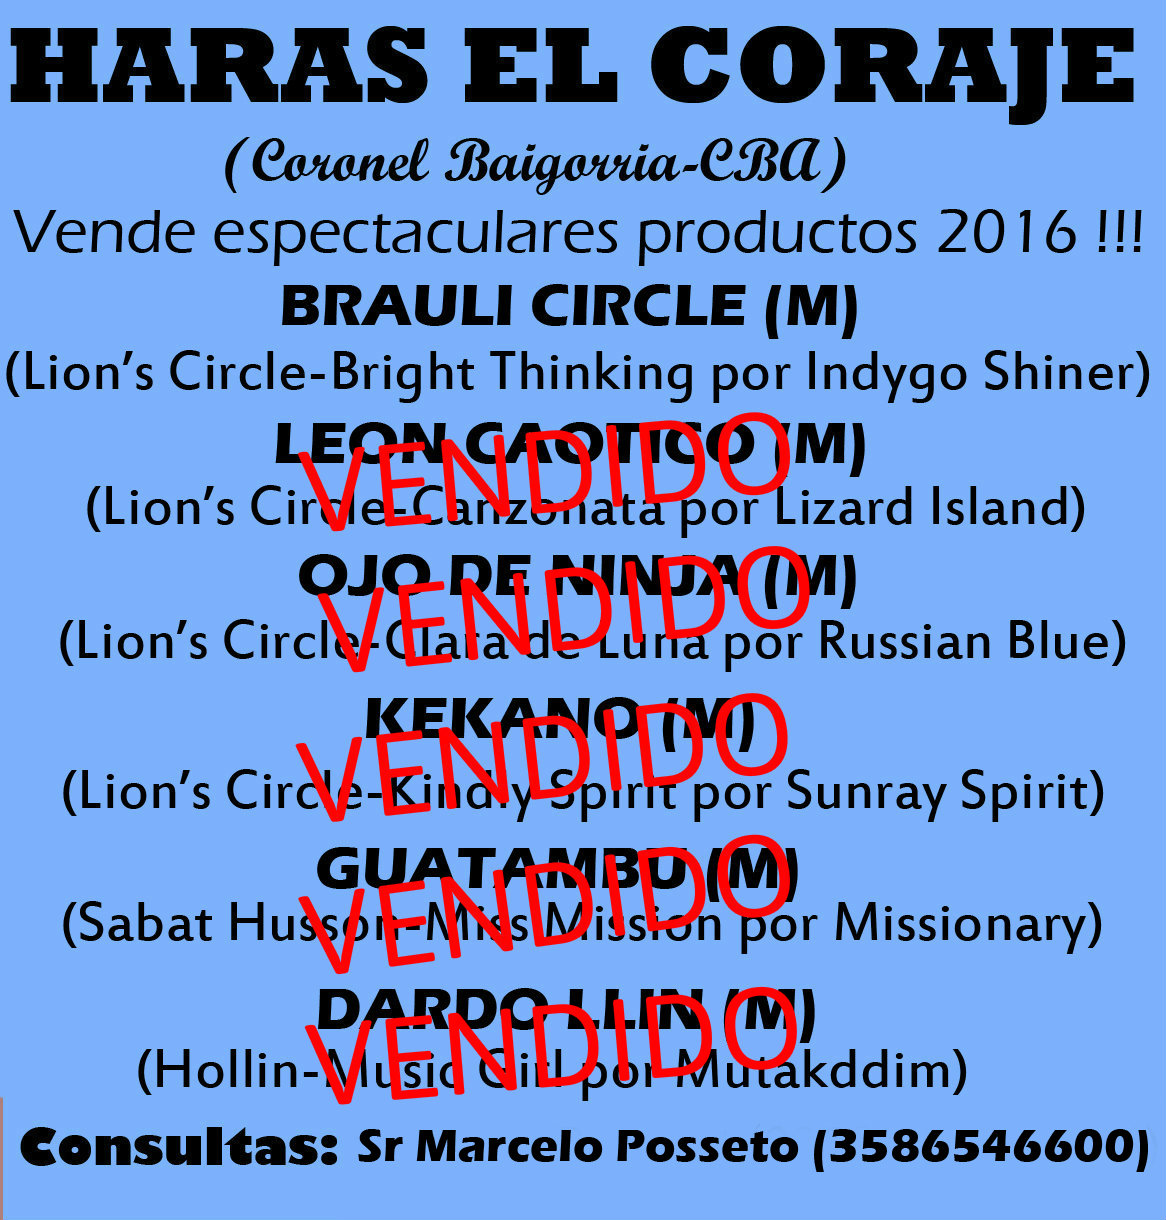 HS EL CORAJE PROD 1